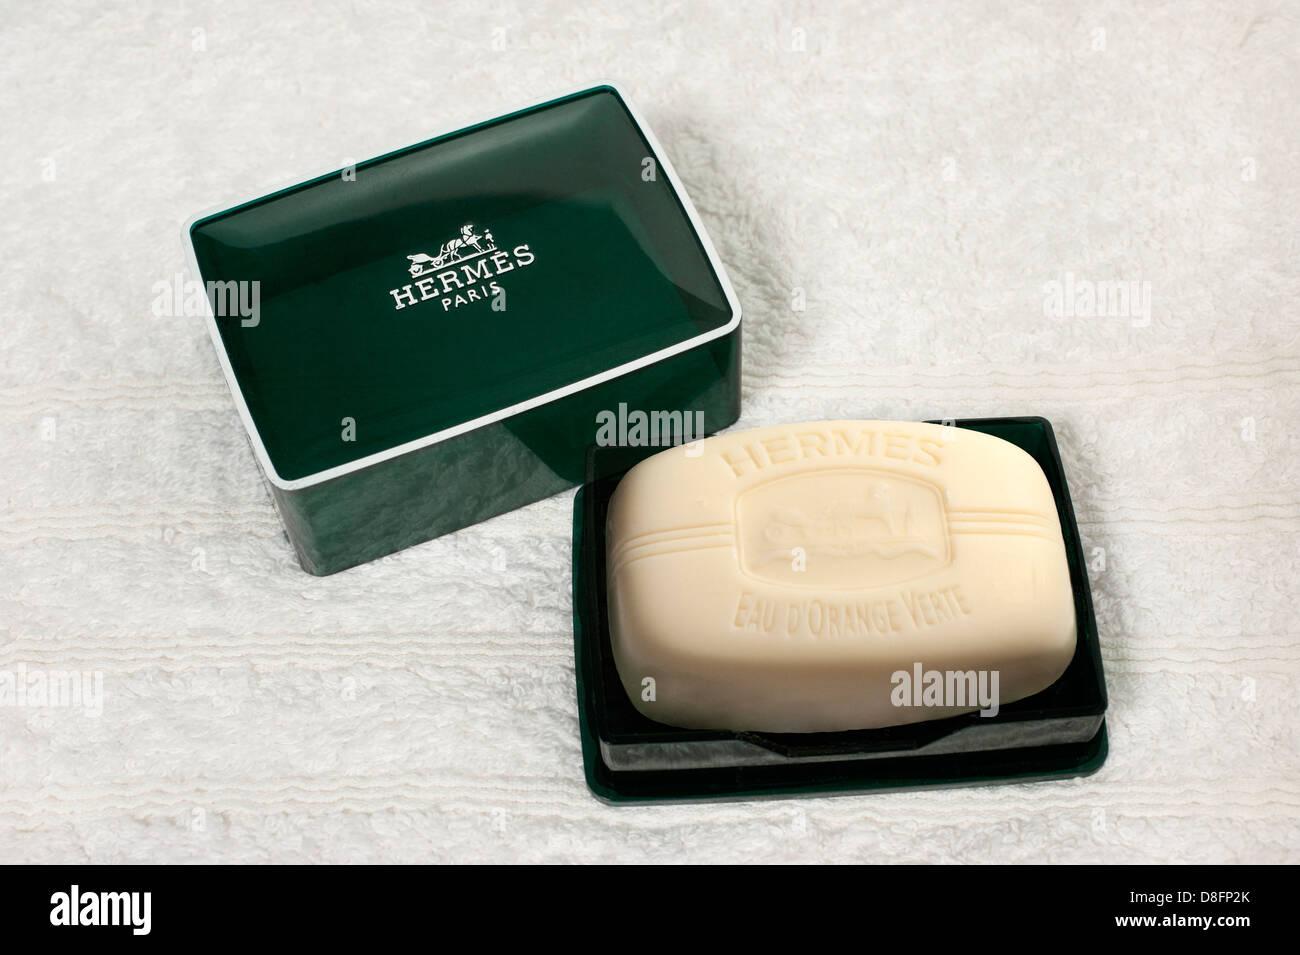 Bar de luxe de savon parfumé par Hermes sur une serviette blanche Banque D'Images